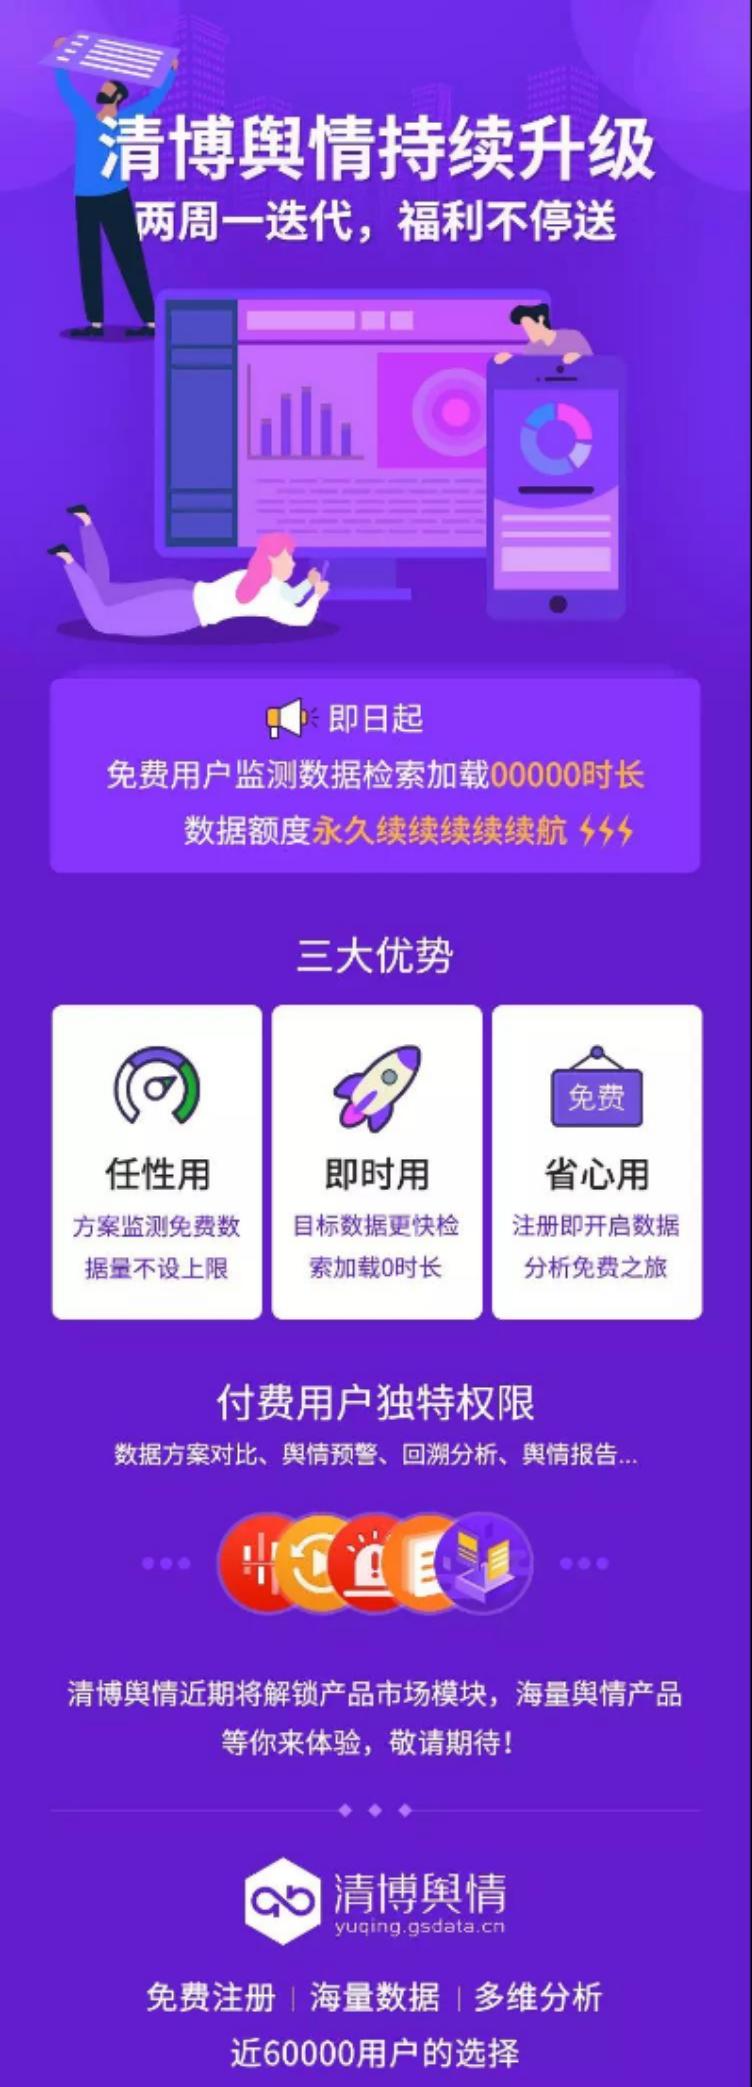 官宣:清博舆情福利版本舆情分析平台免费时代开启!